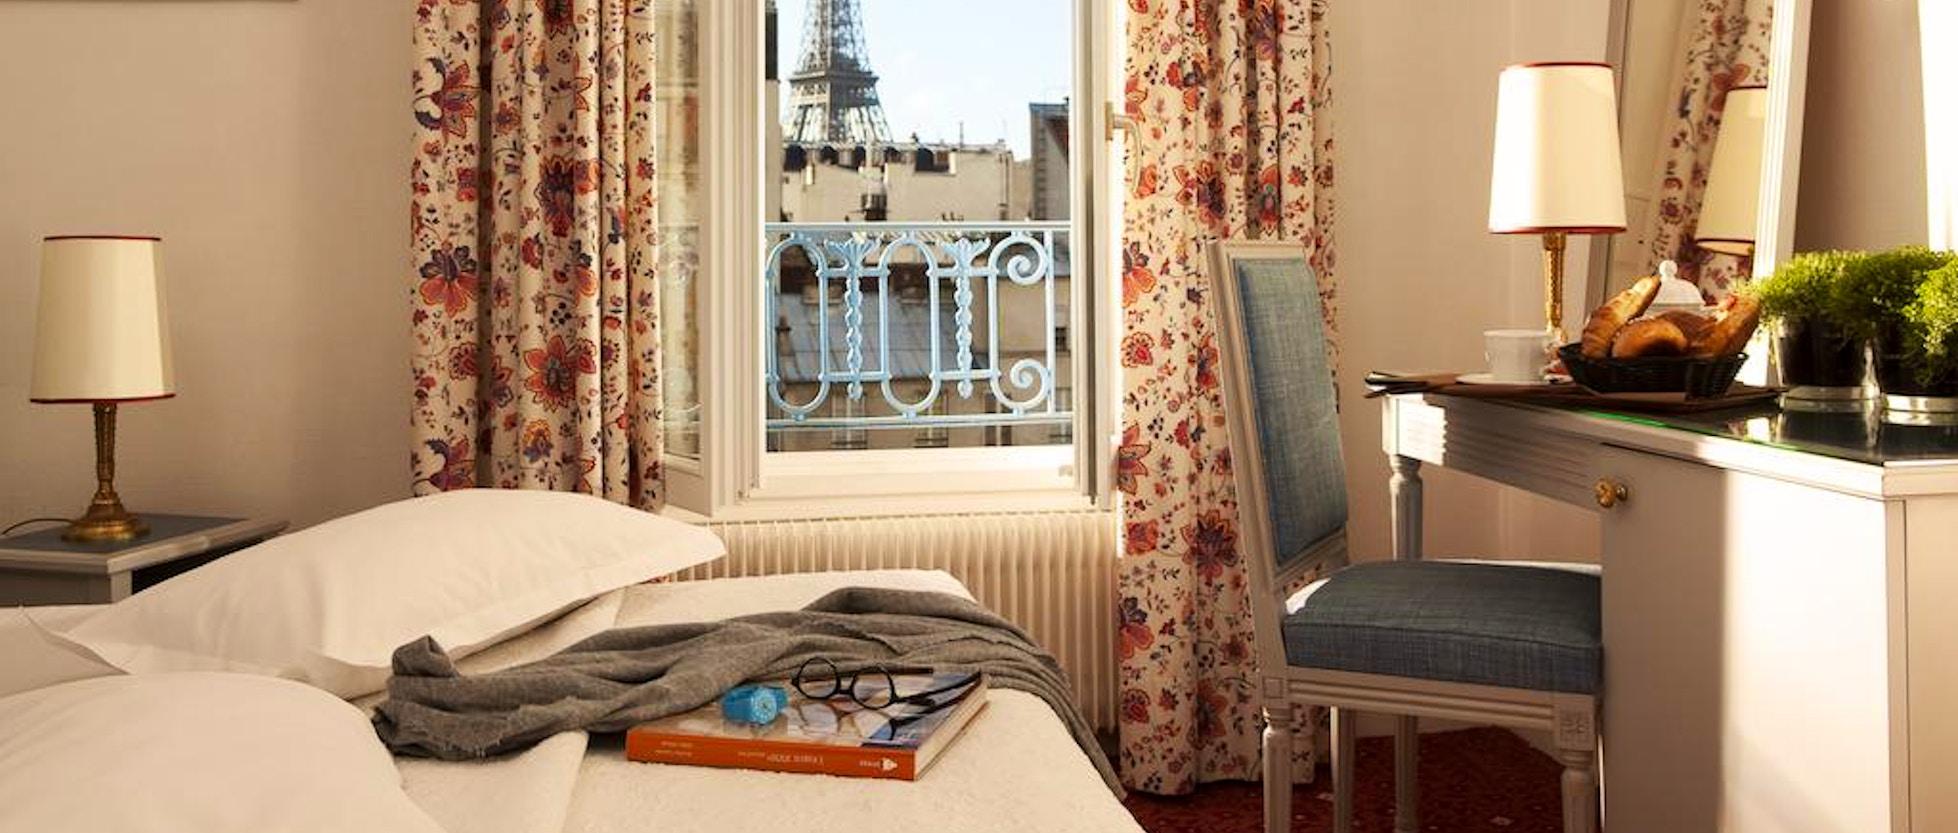 10 Hotel vicino alla Torre Eiffel: Dormire a due passi dal simbolo ...